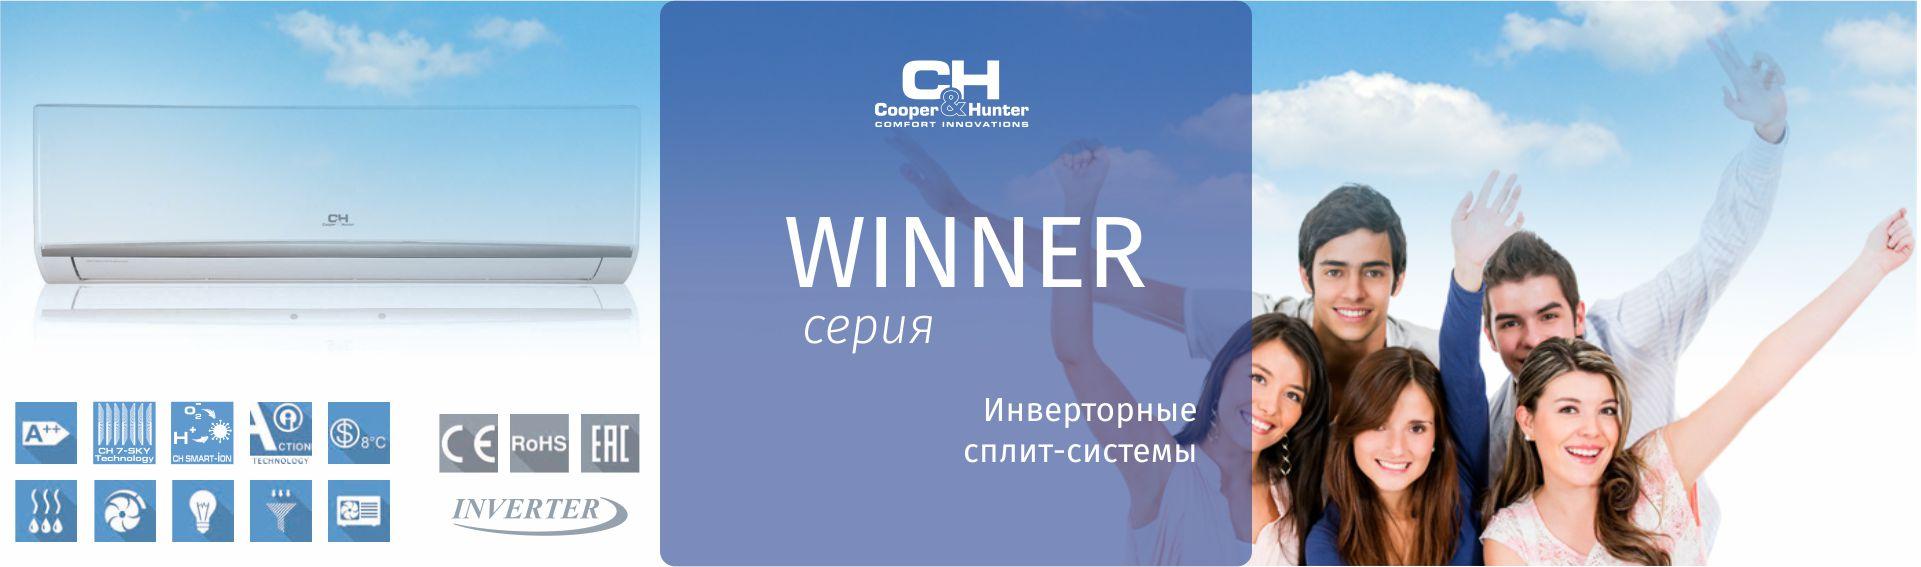 Серия Winner (inverter)